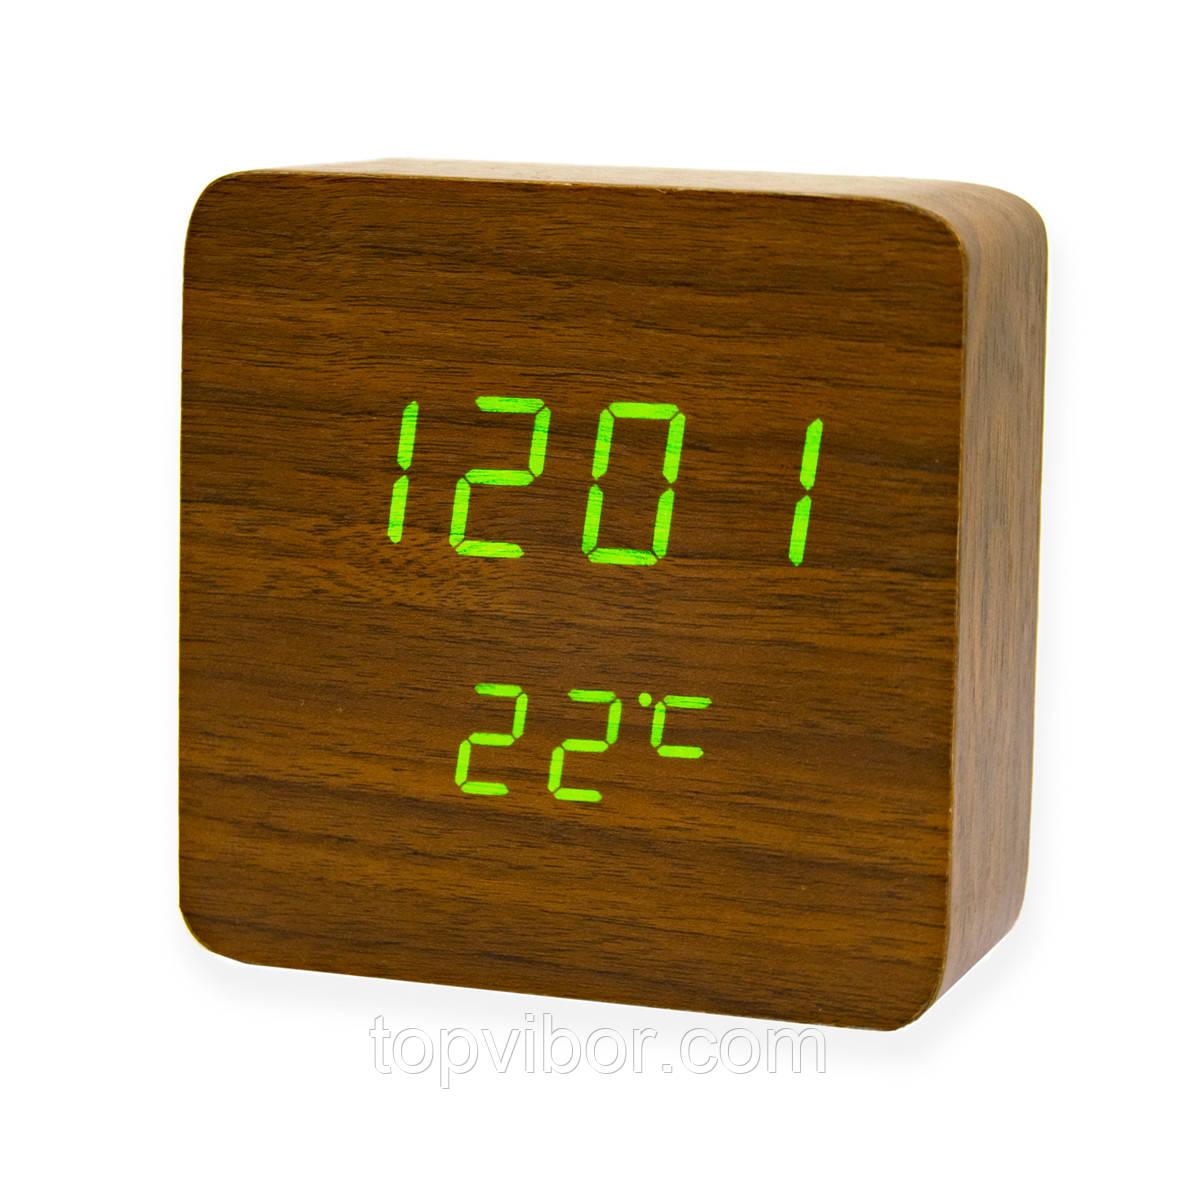 """Годинник настільний електронний """"VST-872 Коричневе дерево"""", світлодіодний годинник з термометром на батарейках"""